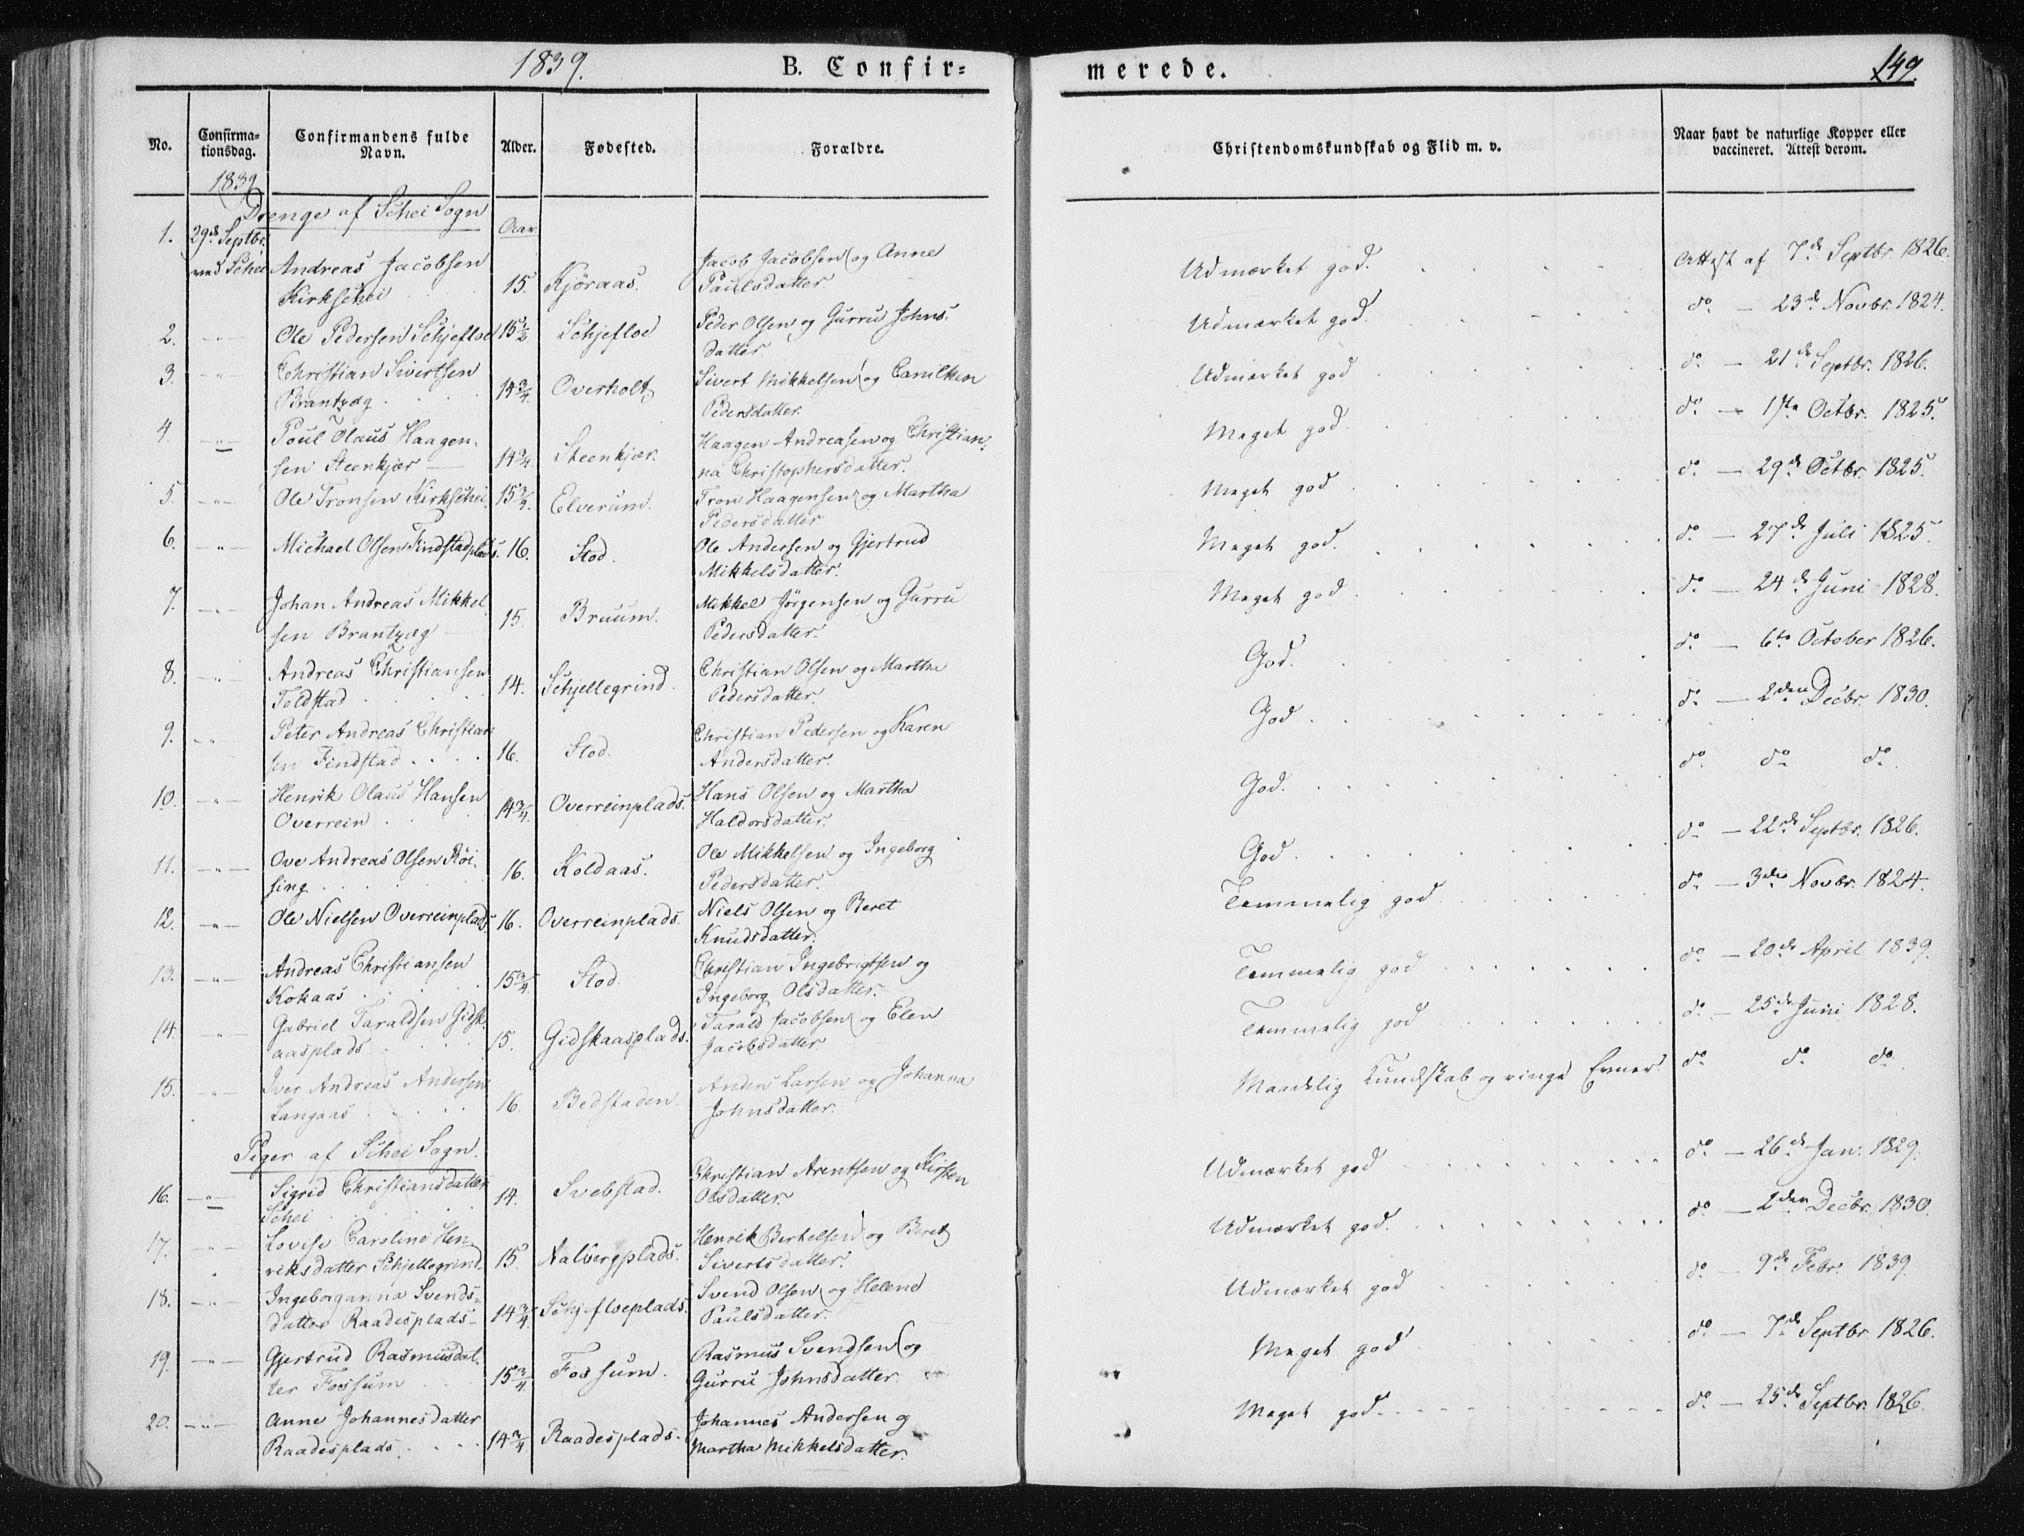 SAT, Ministerialprotokoller, klokkerbøker og fødselsregistre - Nord-Trøndelag, 735/L0339: Ministerialbok nr. 735A06 /1, 1836-1848, s. 149